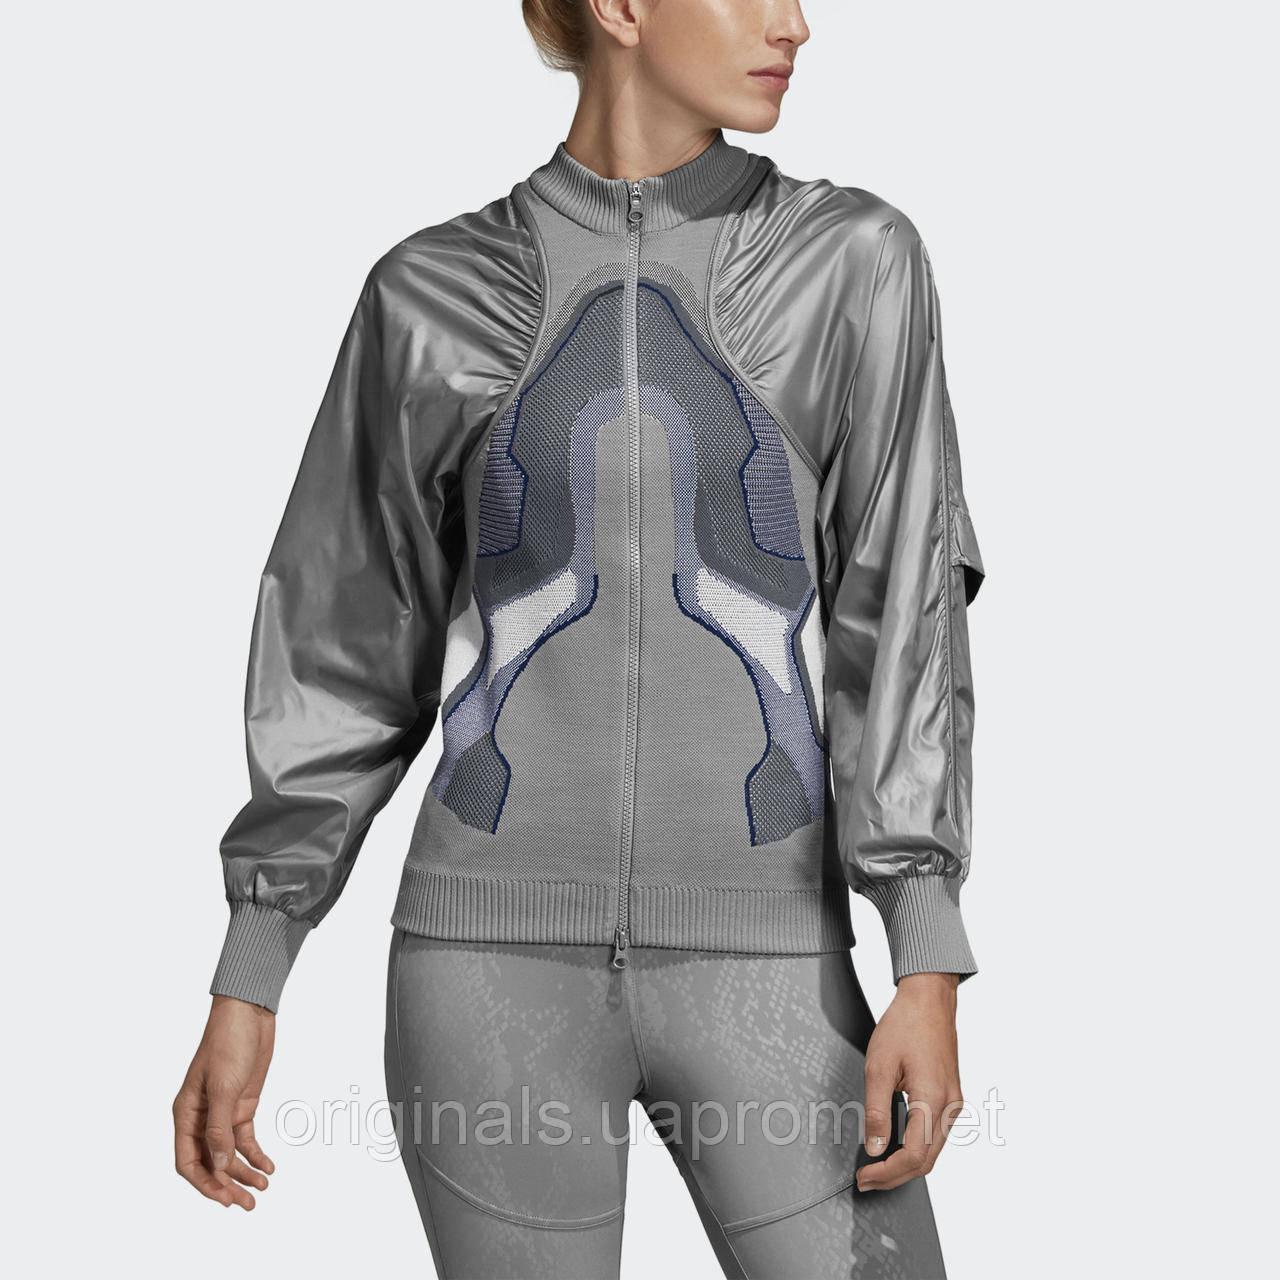 Джемпер женский Adidas aSMC Midlayer DT9384